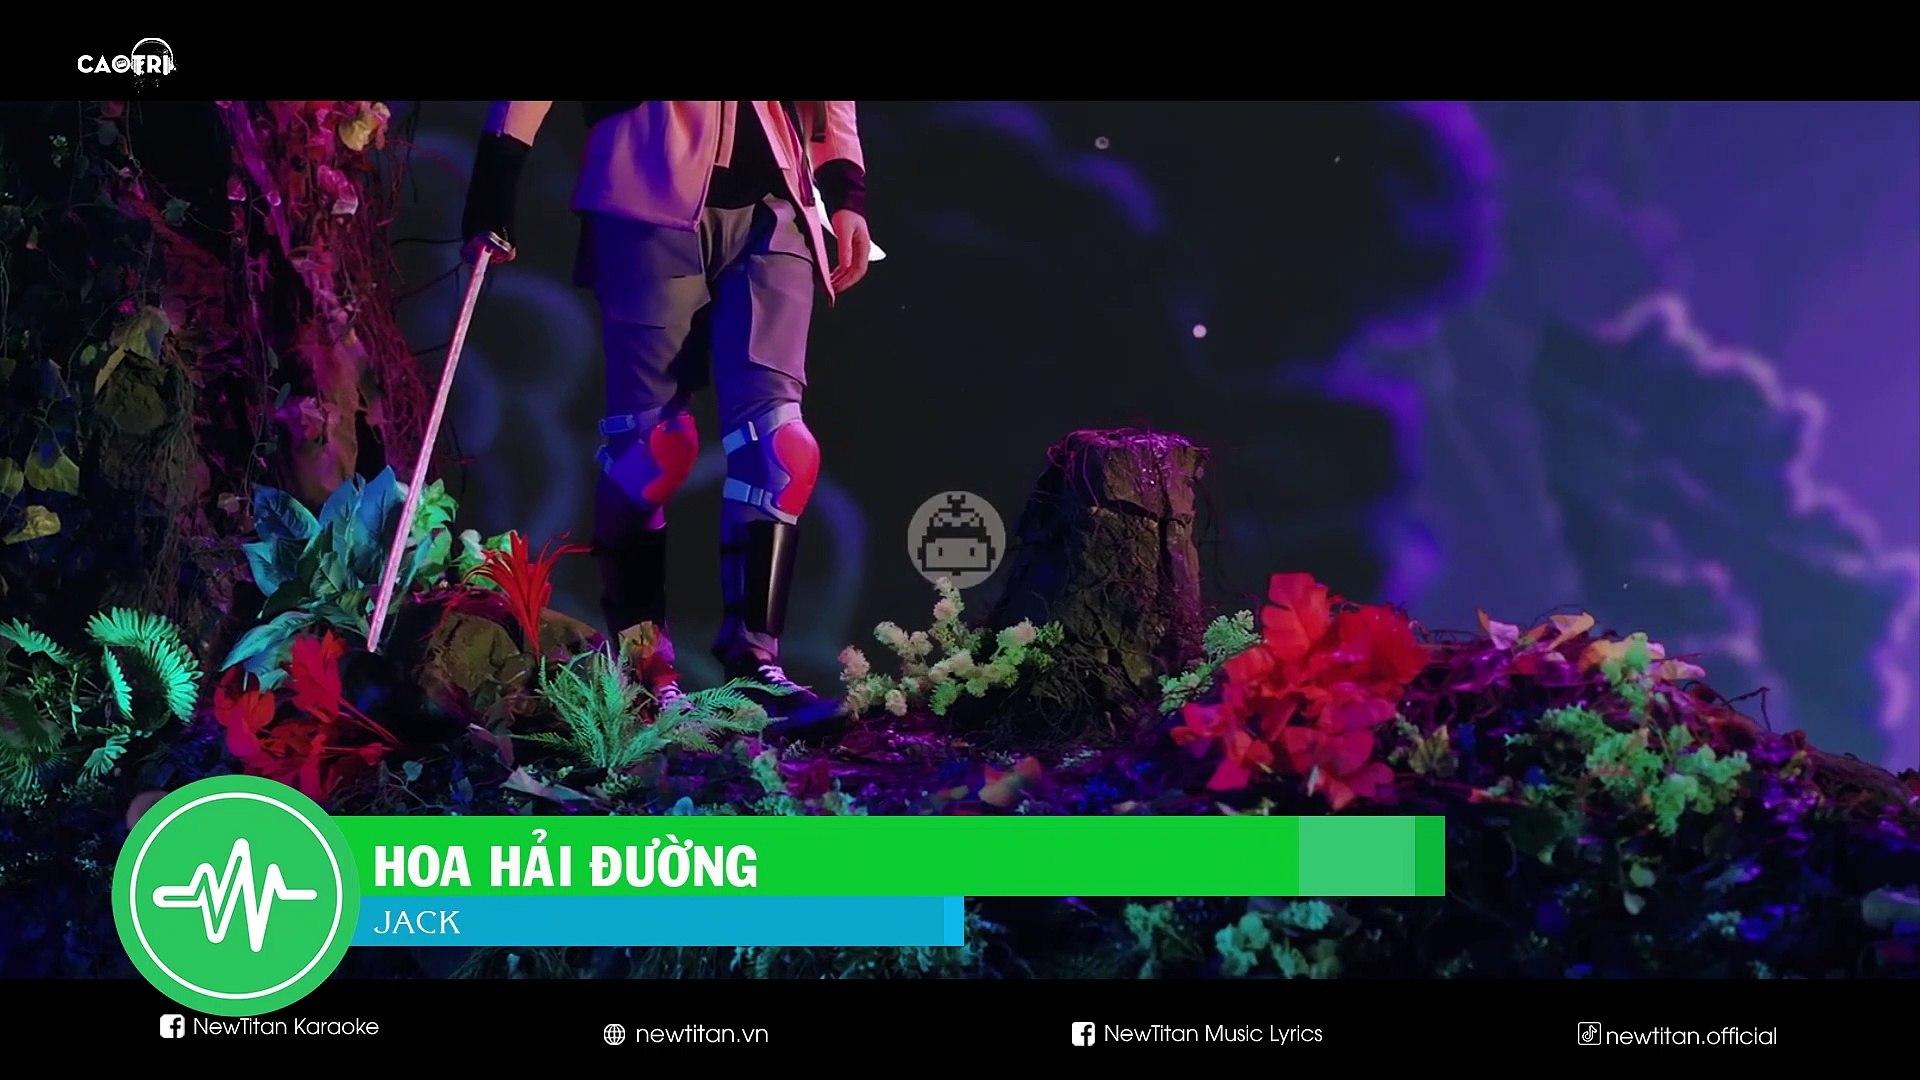 [Karaoke] Hoa Hải Đường - Jack [Beat]